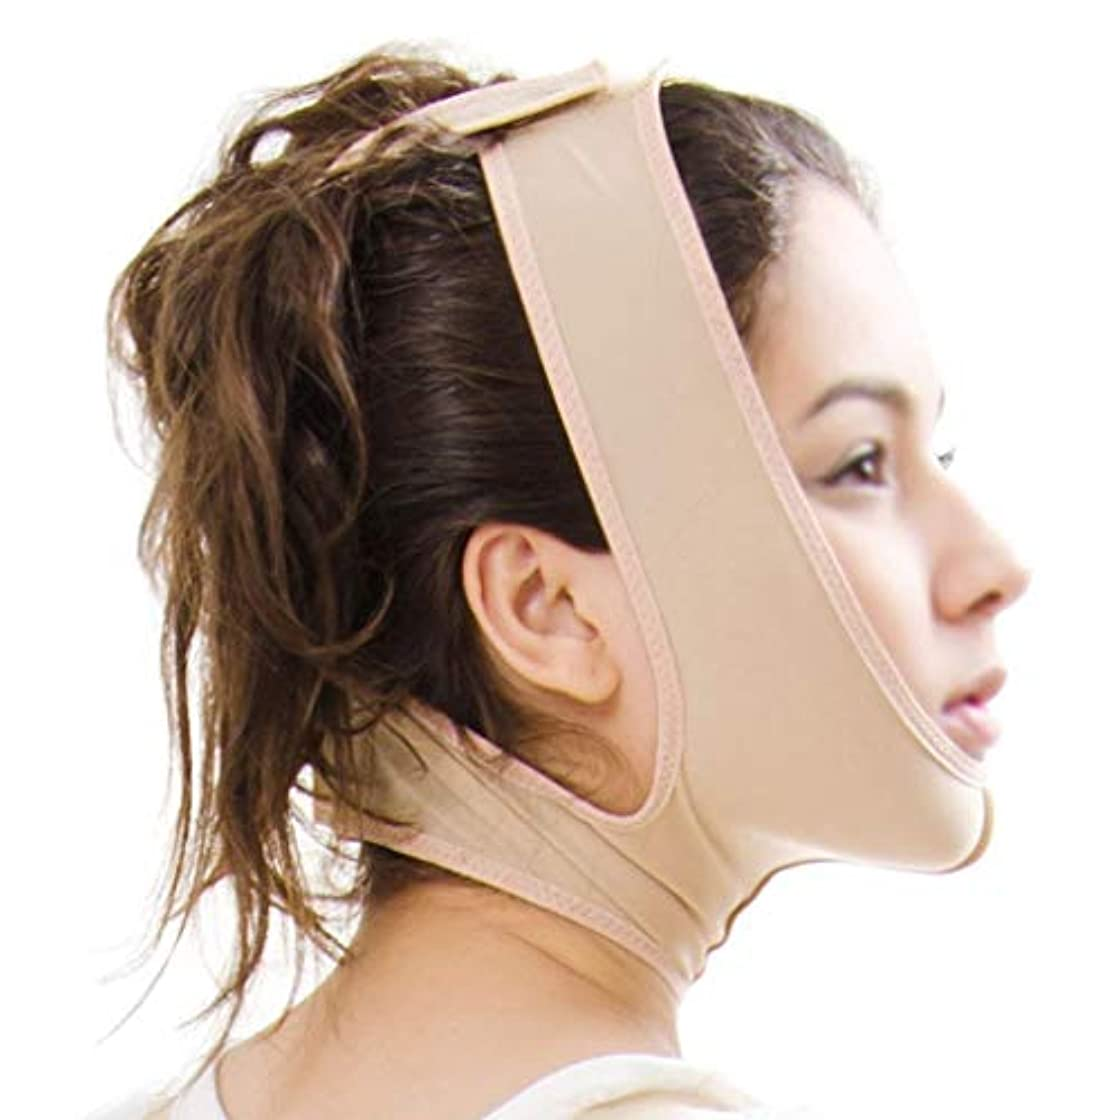 プリーツ署名振幅顔のリフティング包帯、あごの首と首のあごの二重顔、脂肪吸引術、術後創傷マスク(サイズ:XXL)